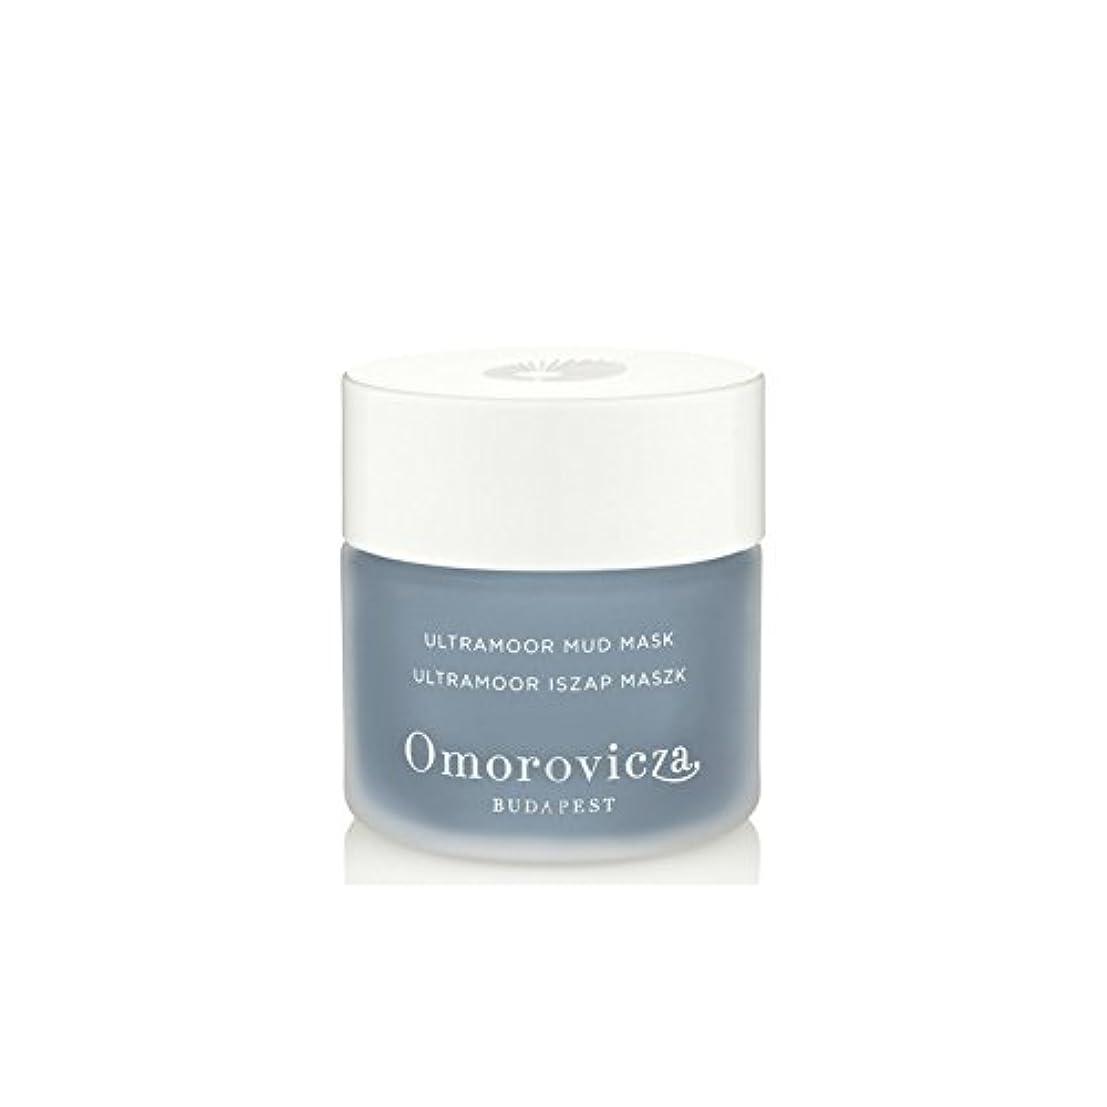 思いつく妊娠した類似性泥マスク(50ミリリットル) x4 - Omorovicza Ultramoor Mud Mask (50ml) (Pack of 4) [並行輸入品]